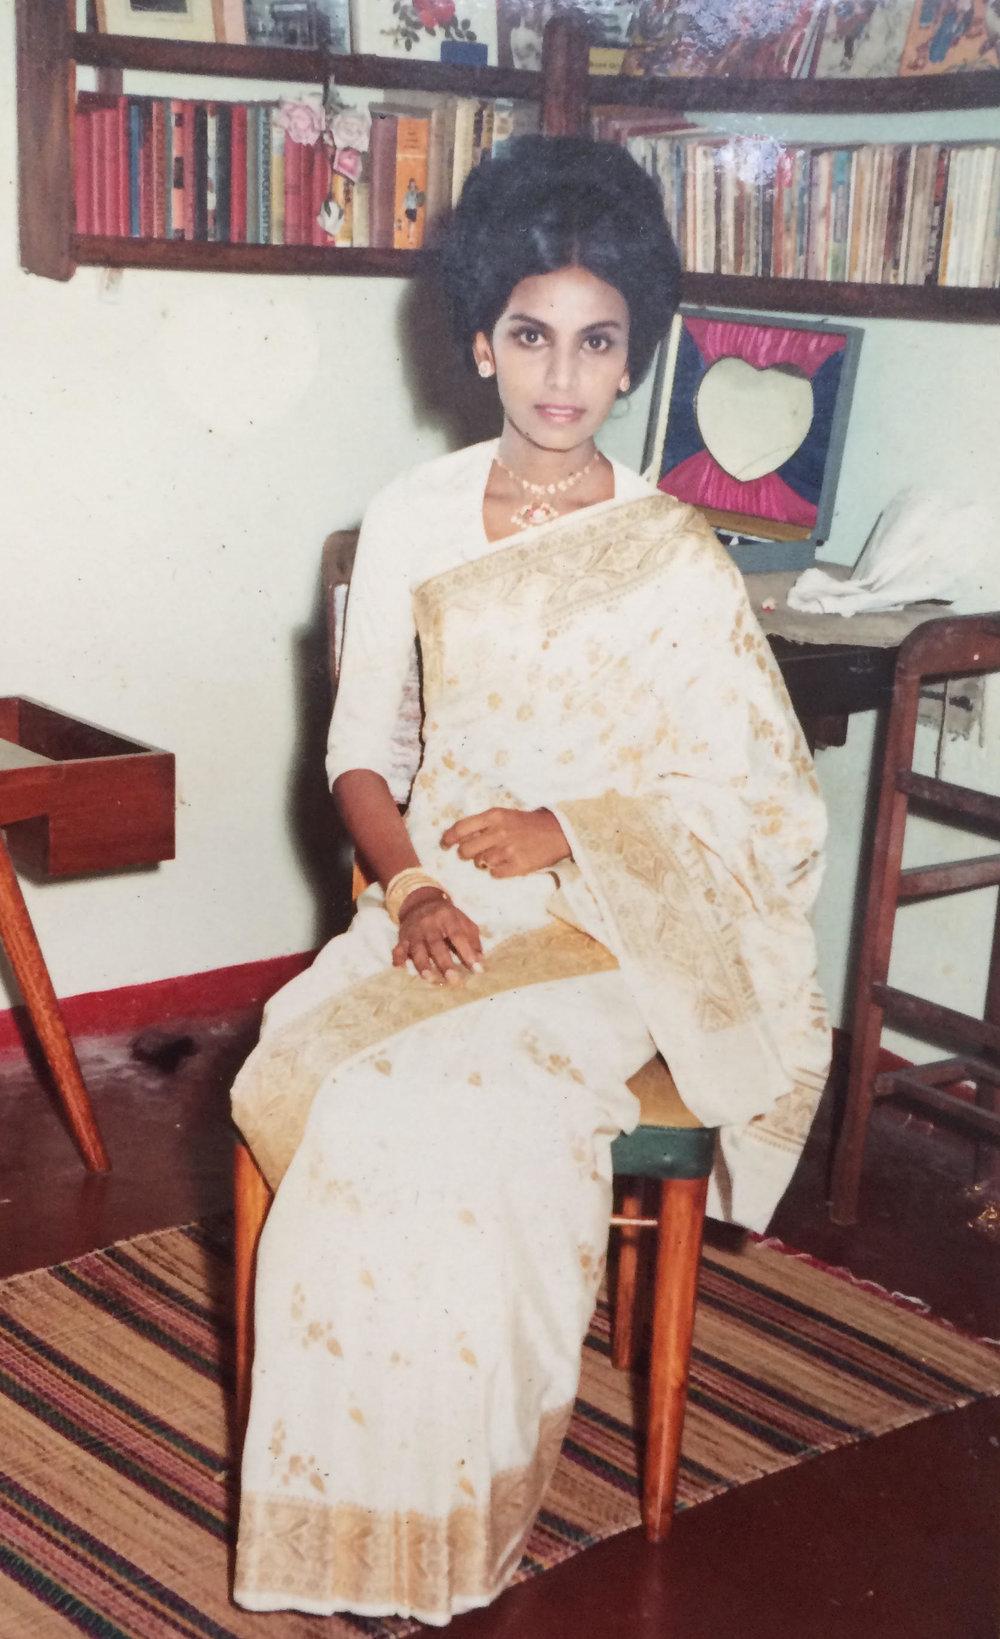 My mother looking exquisite in her wedding dress